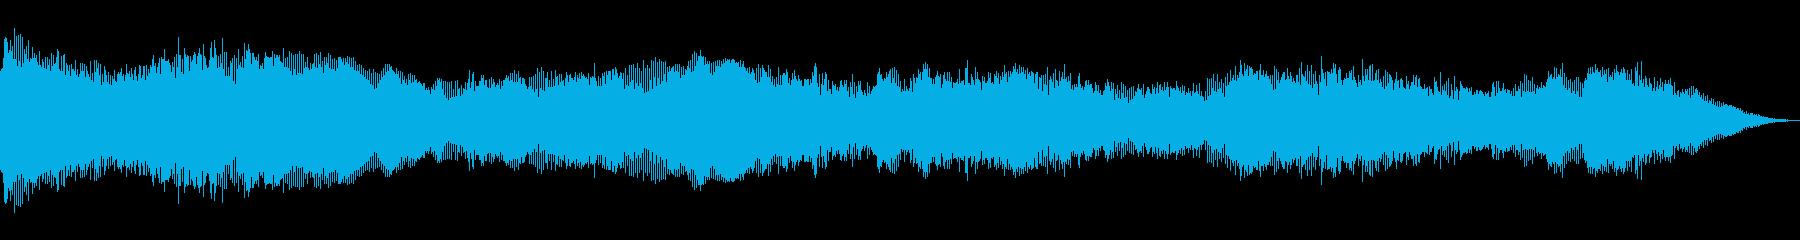 不吉なパワードローンの再生済みの波形